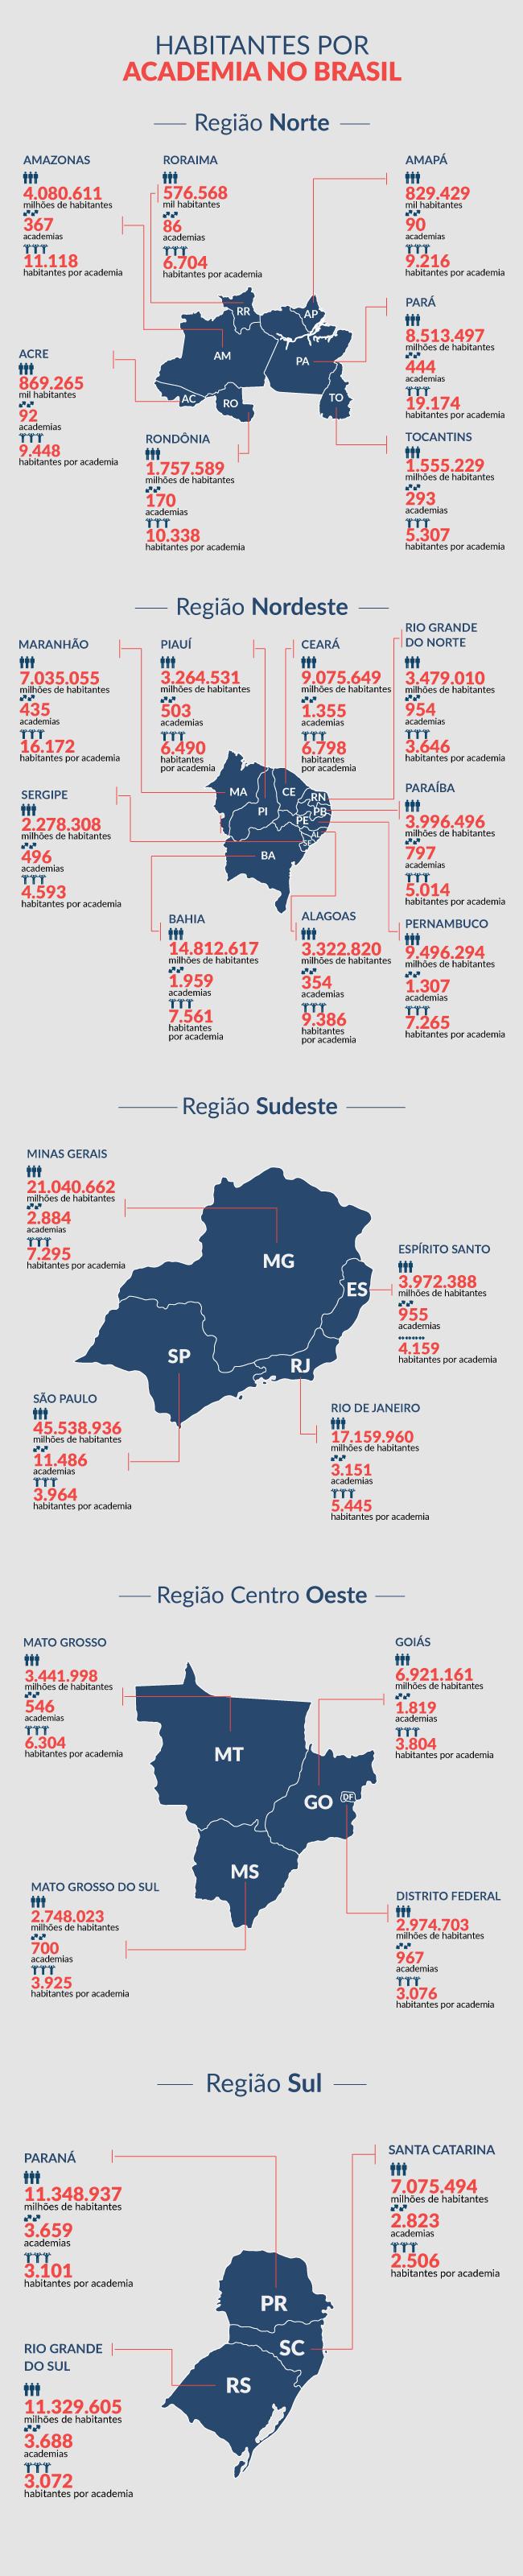 numero-de-academias-no-brasil-por-estado